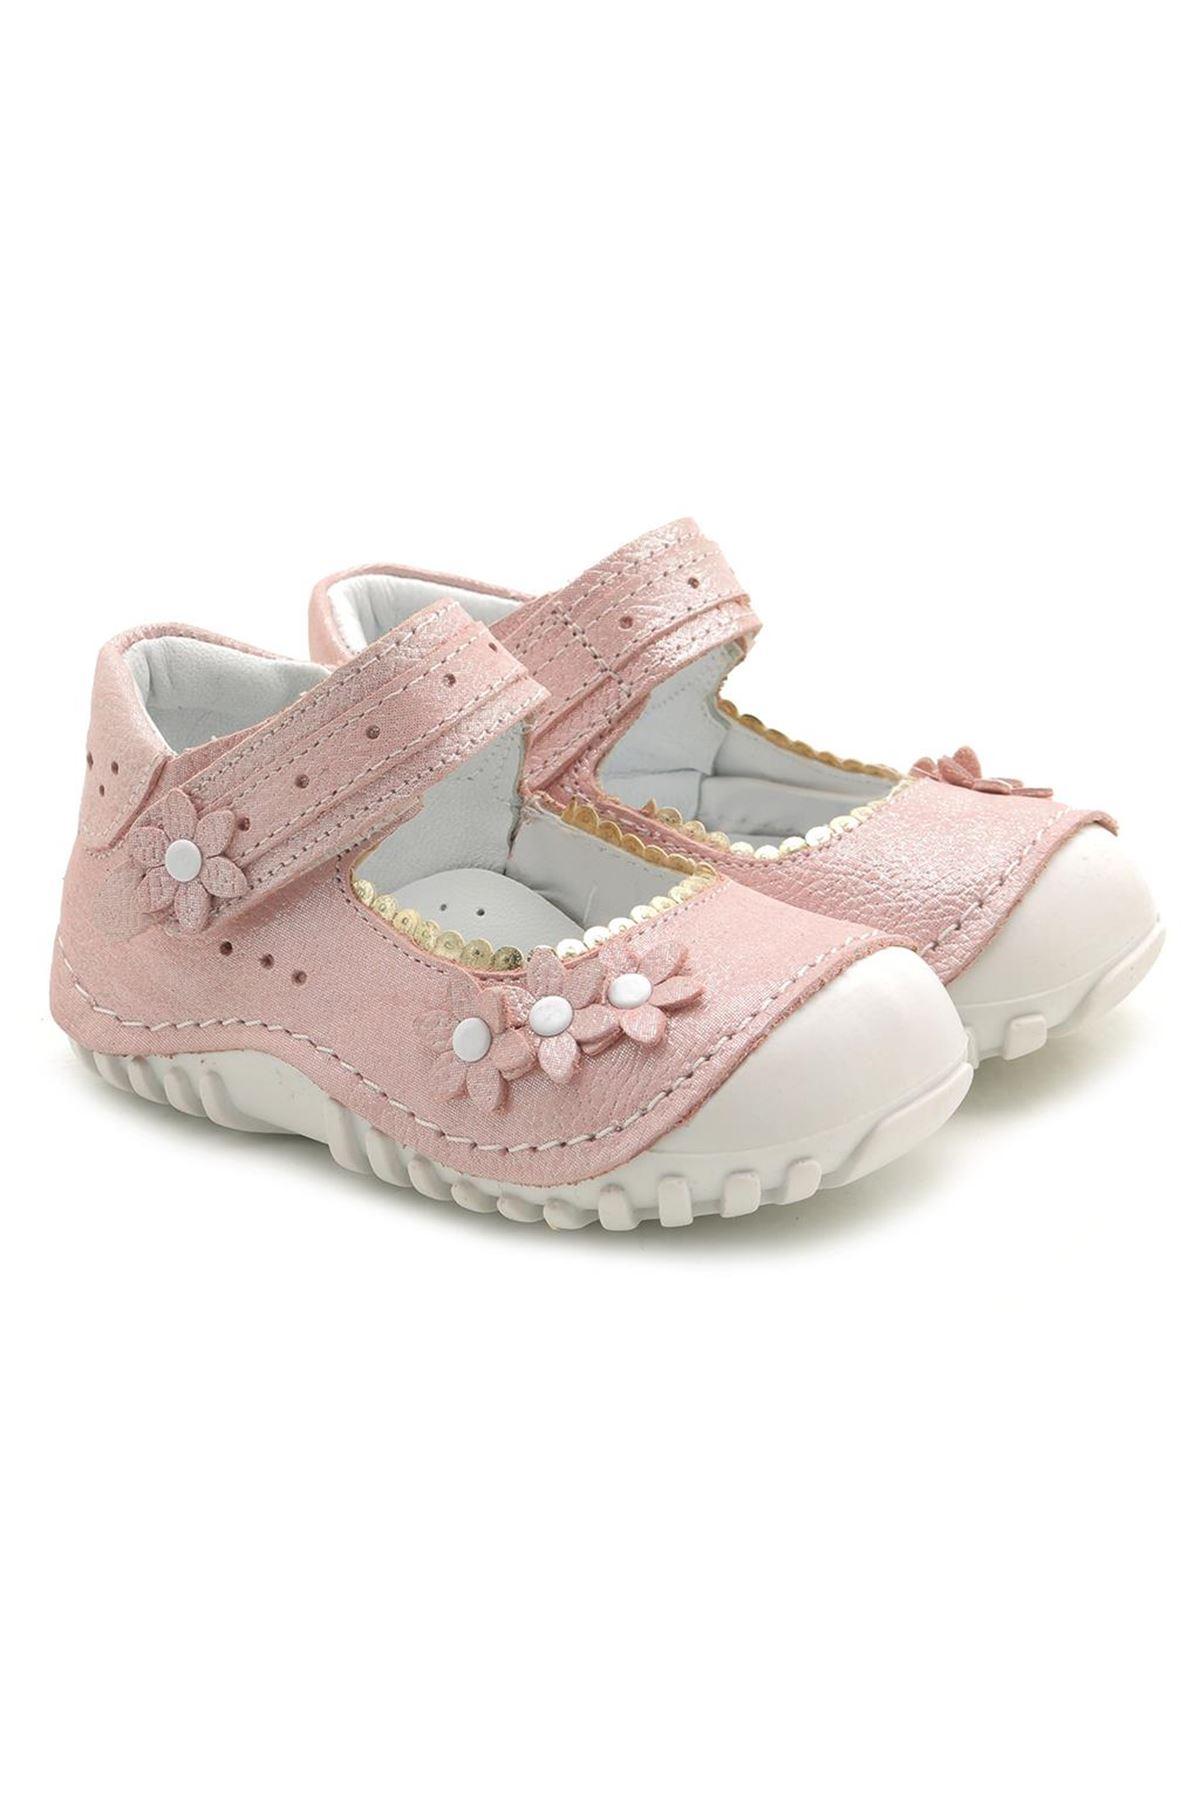 Lady H2020 Alçak Dolgu Topuk Günlük Kadın Ayakkabı Babet